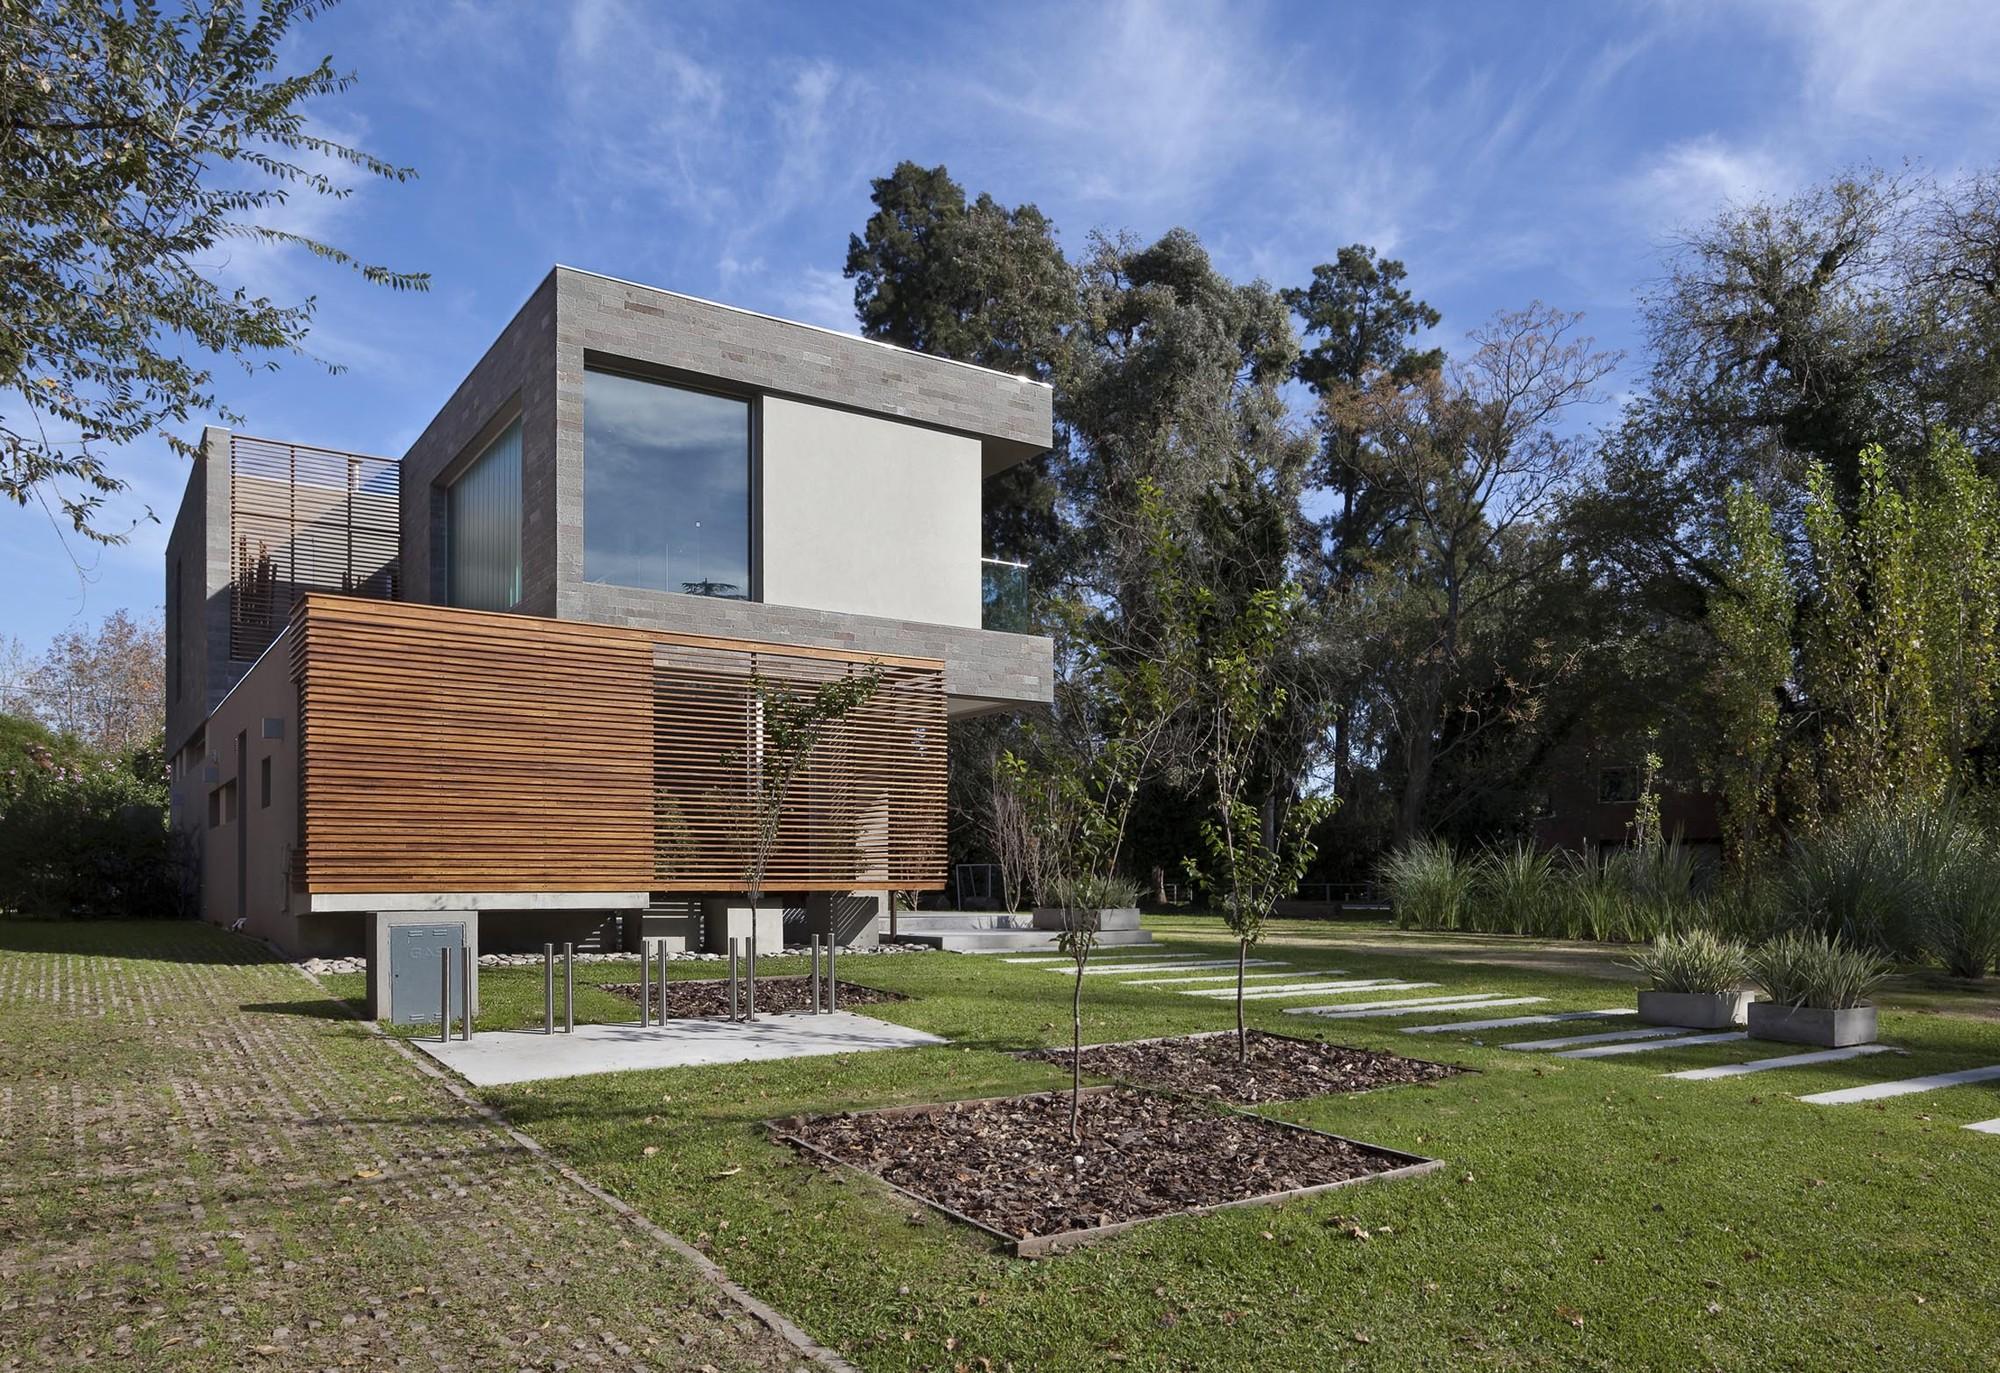 Casa en Pilar / Estudio Parysow - Schargrodsky Arquitectos + Estudio Tarnofsky - Wilhelm, © Andres Negroni